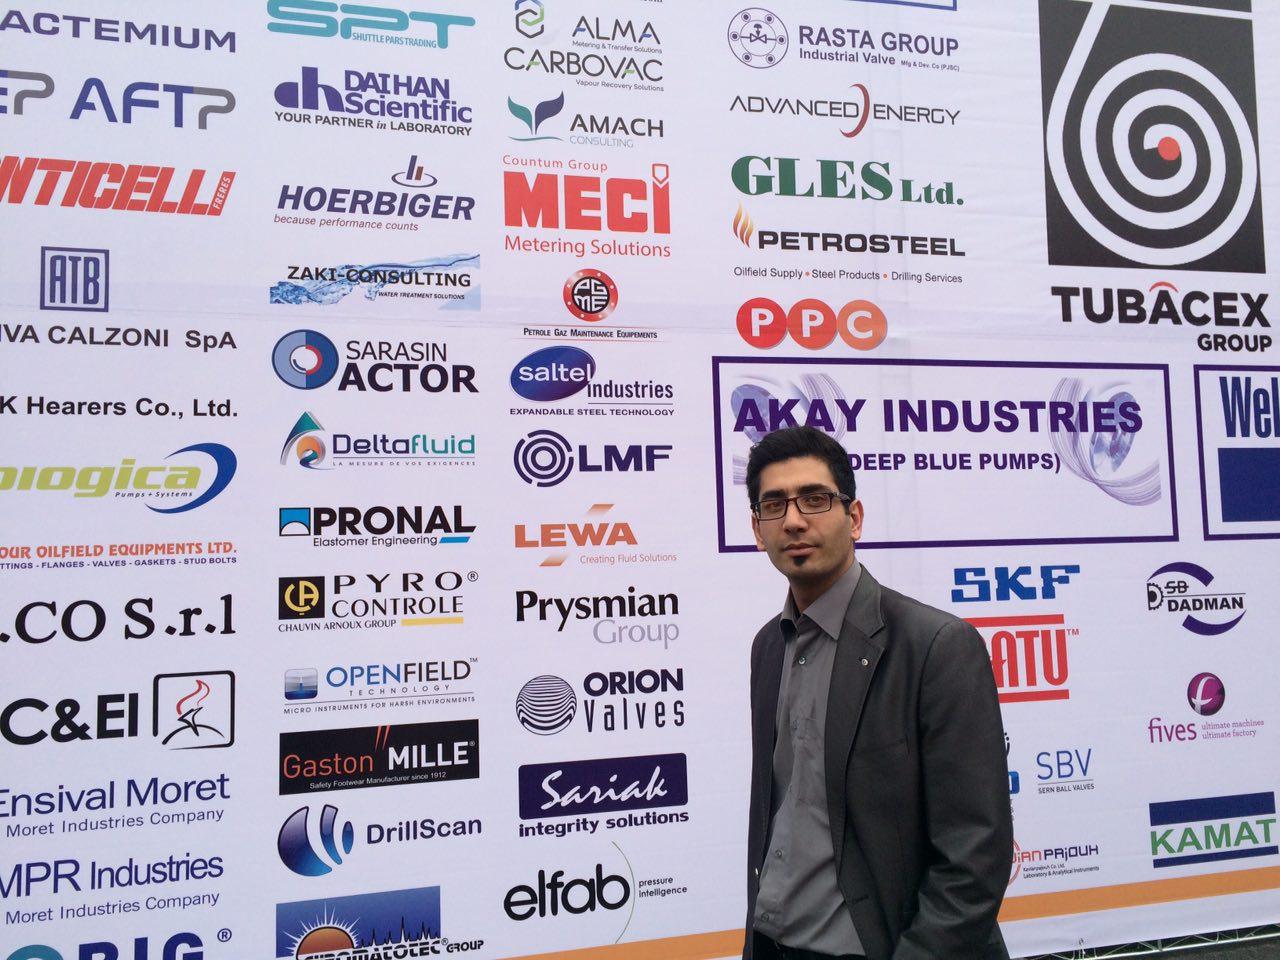 الزام توجه سایرنهادها جهت دسترسی همگانی به شبکه سلامت اصفهان